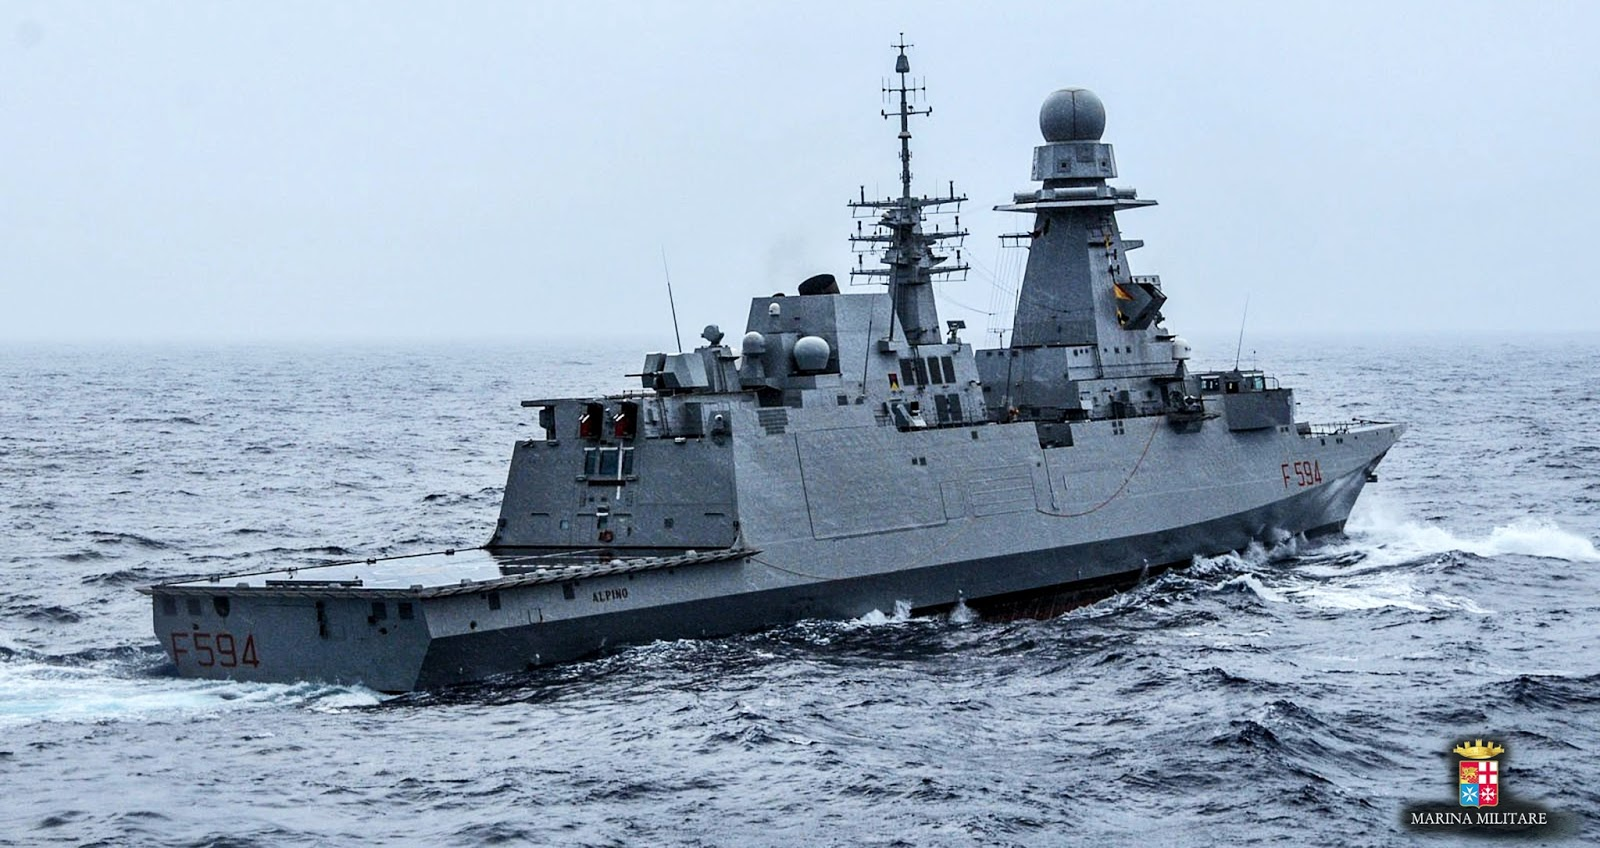 naval analyses  bergamini class  fremm  frigates of the italian navy